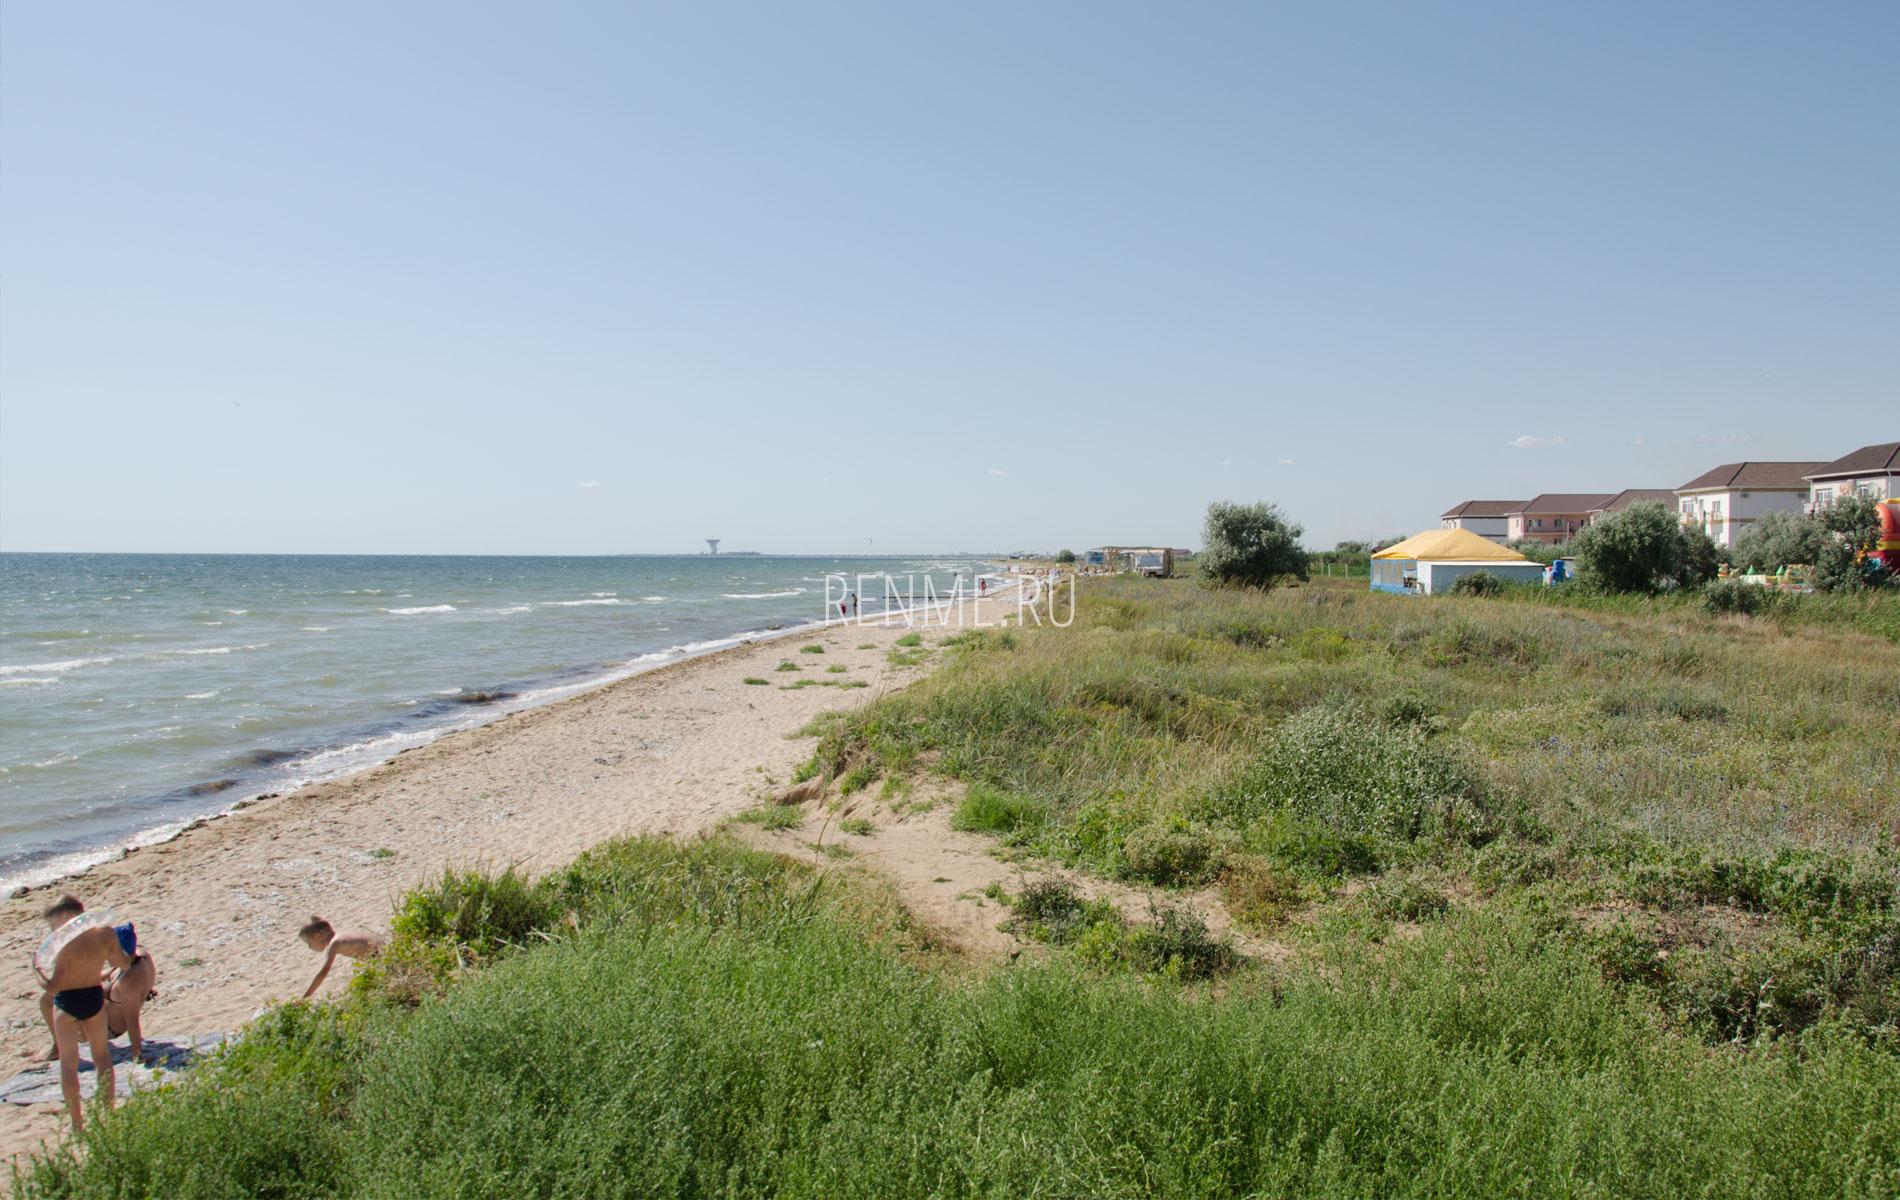 Дикие пляжи Песчанки 2019. Фото Заозёрного